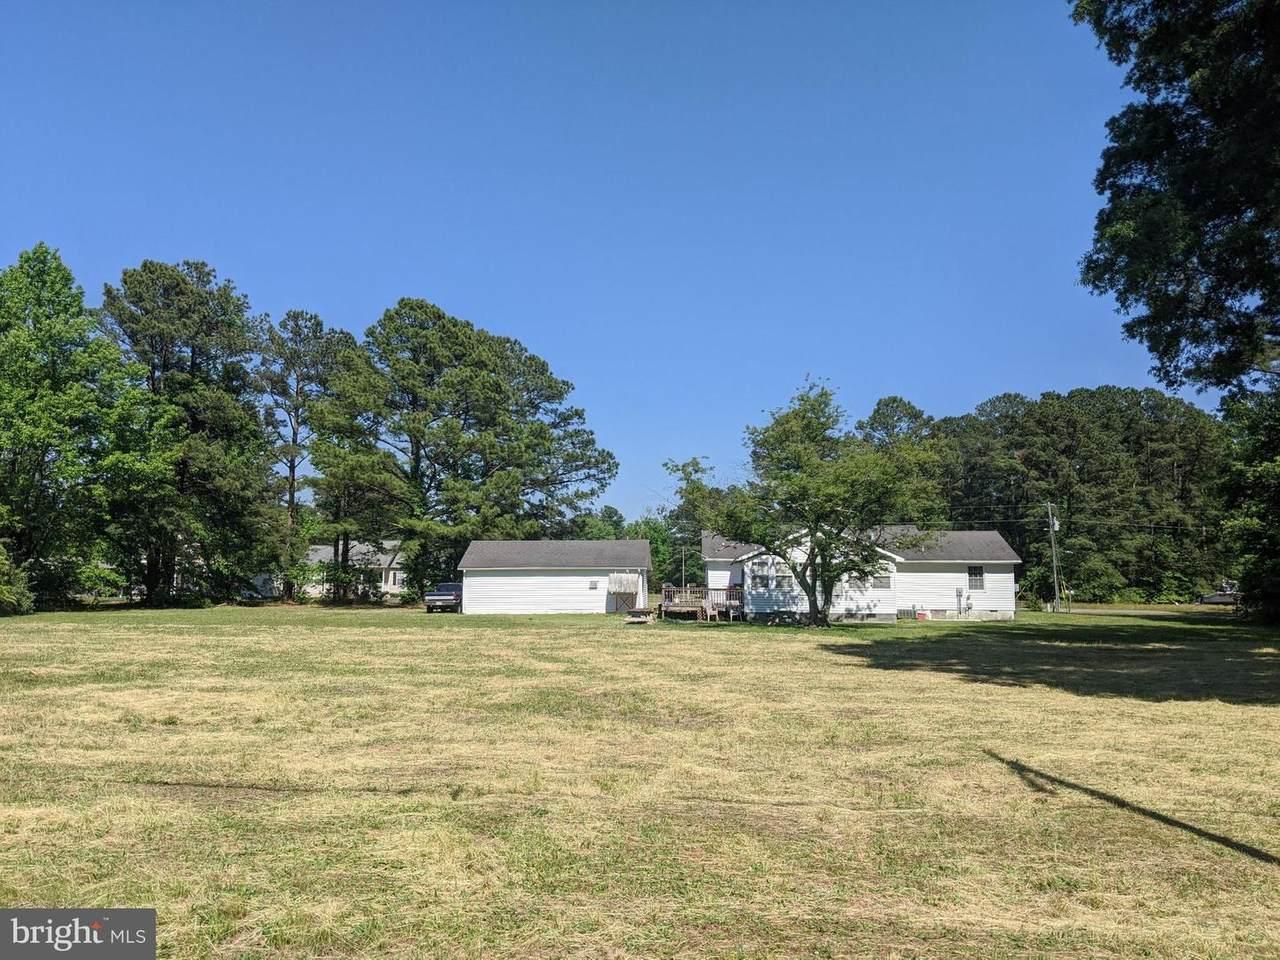 Lot 119A Currioman Drive - Photo 1